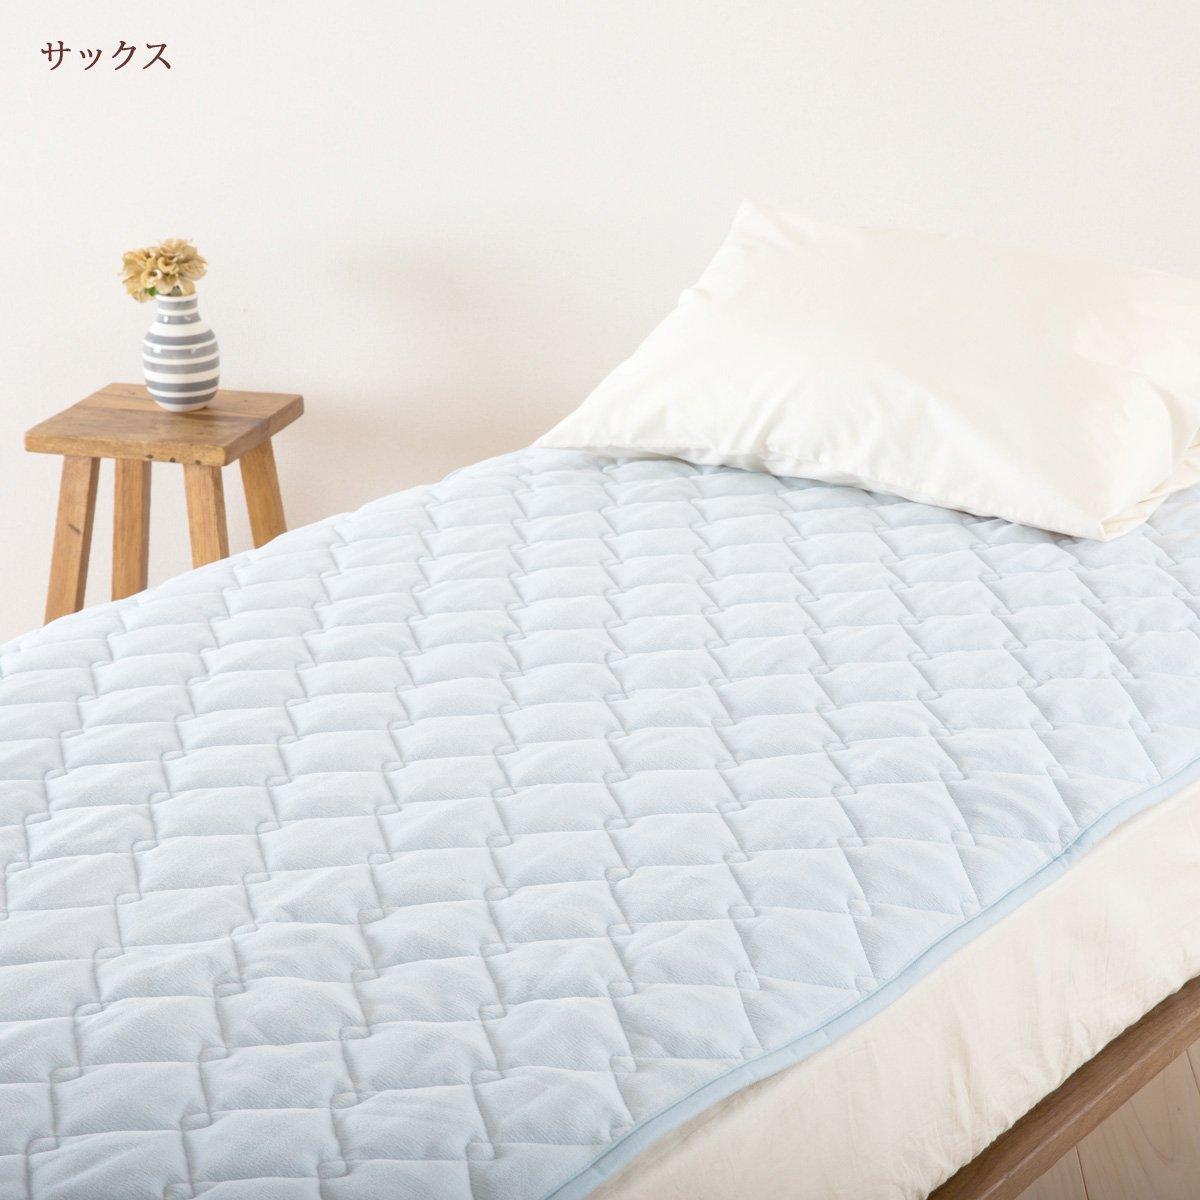 山甚/ジンペット 敷きパッド マイクロマティークファルベ セミダブル 軽量 日本製 2152 サックス[水色][64] セミダブル B07KFRHG1G